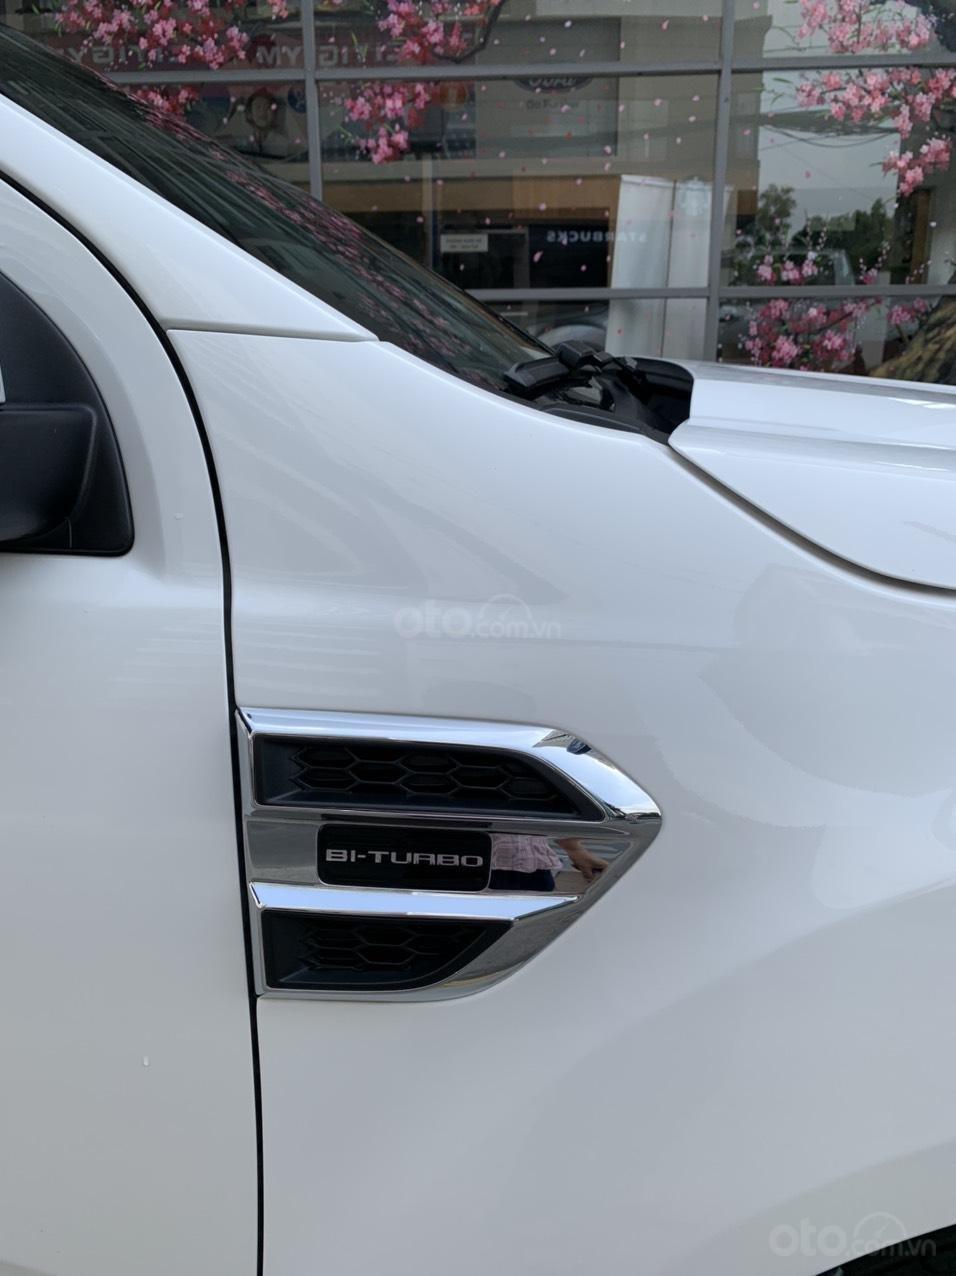 Ford Everest Titanium Biturbo 2019 trắng, xe đẹp cho mọi người (10)